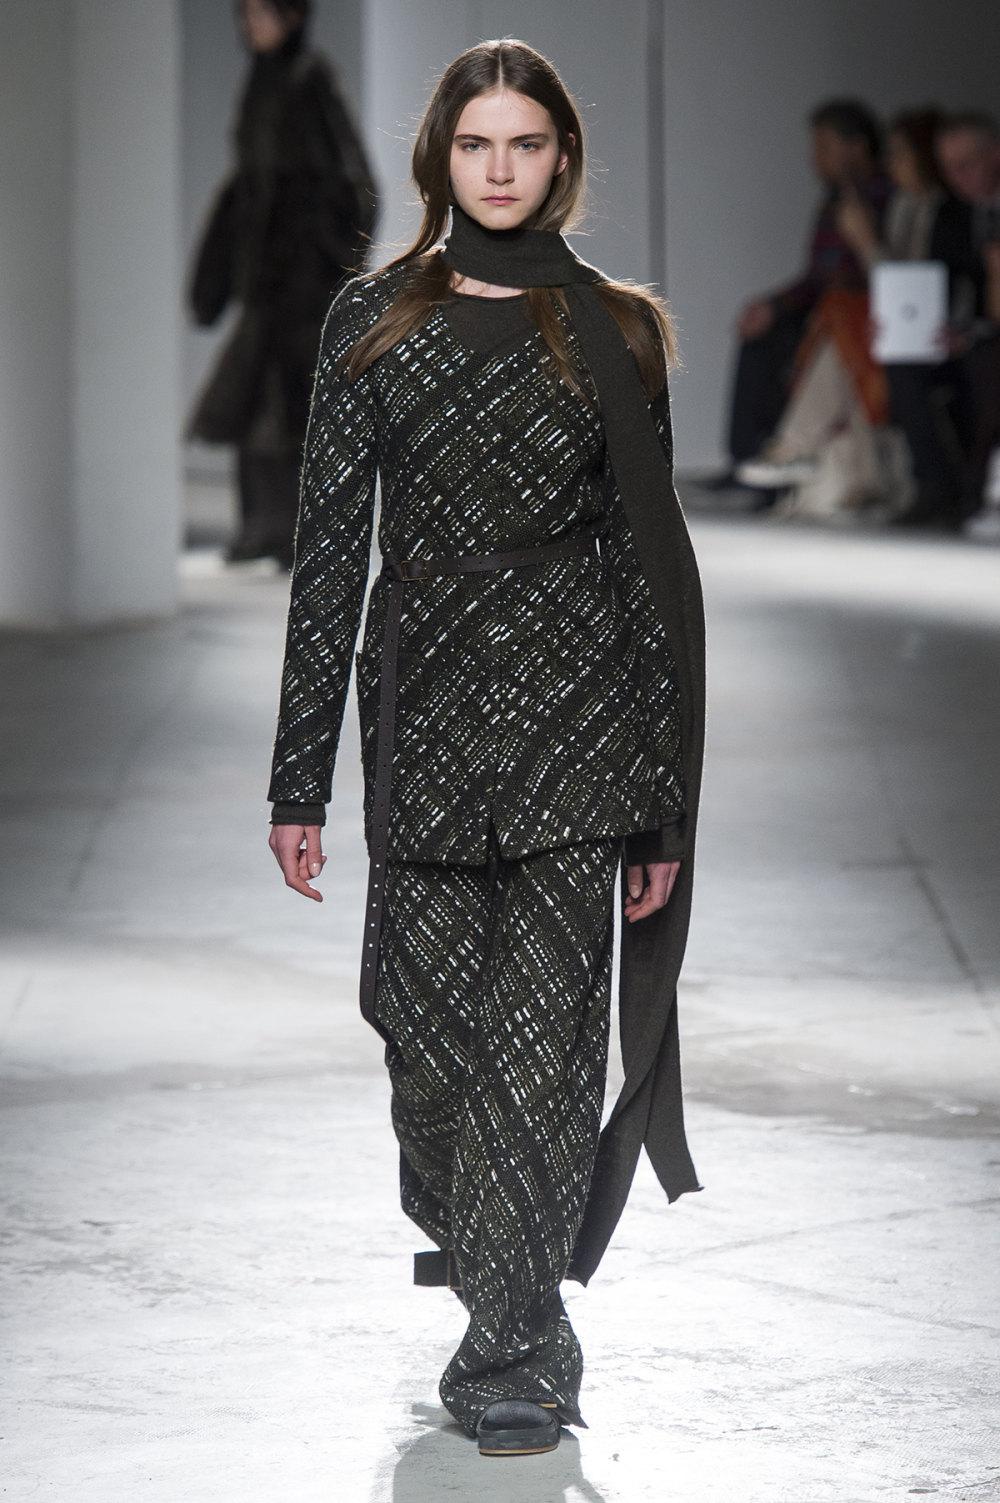 Agnona时装系列有纹理外套长而瘦有些穿着浴袍宽腿裤套装有巧克力-25.jpg